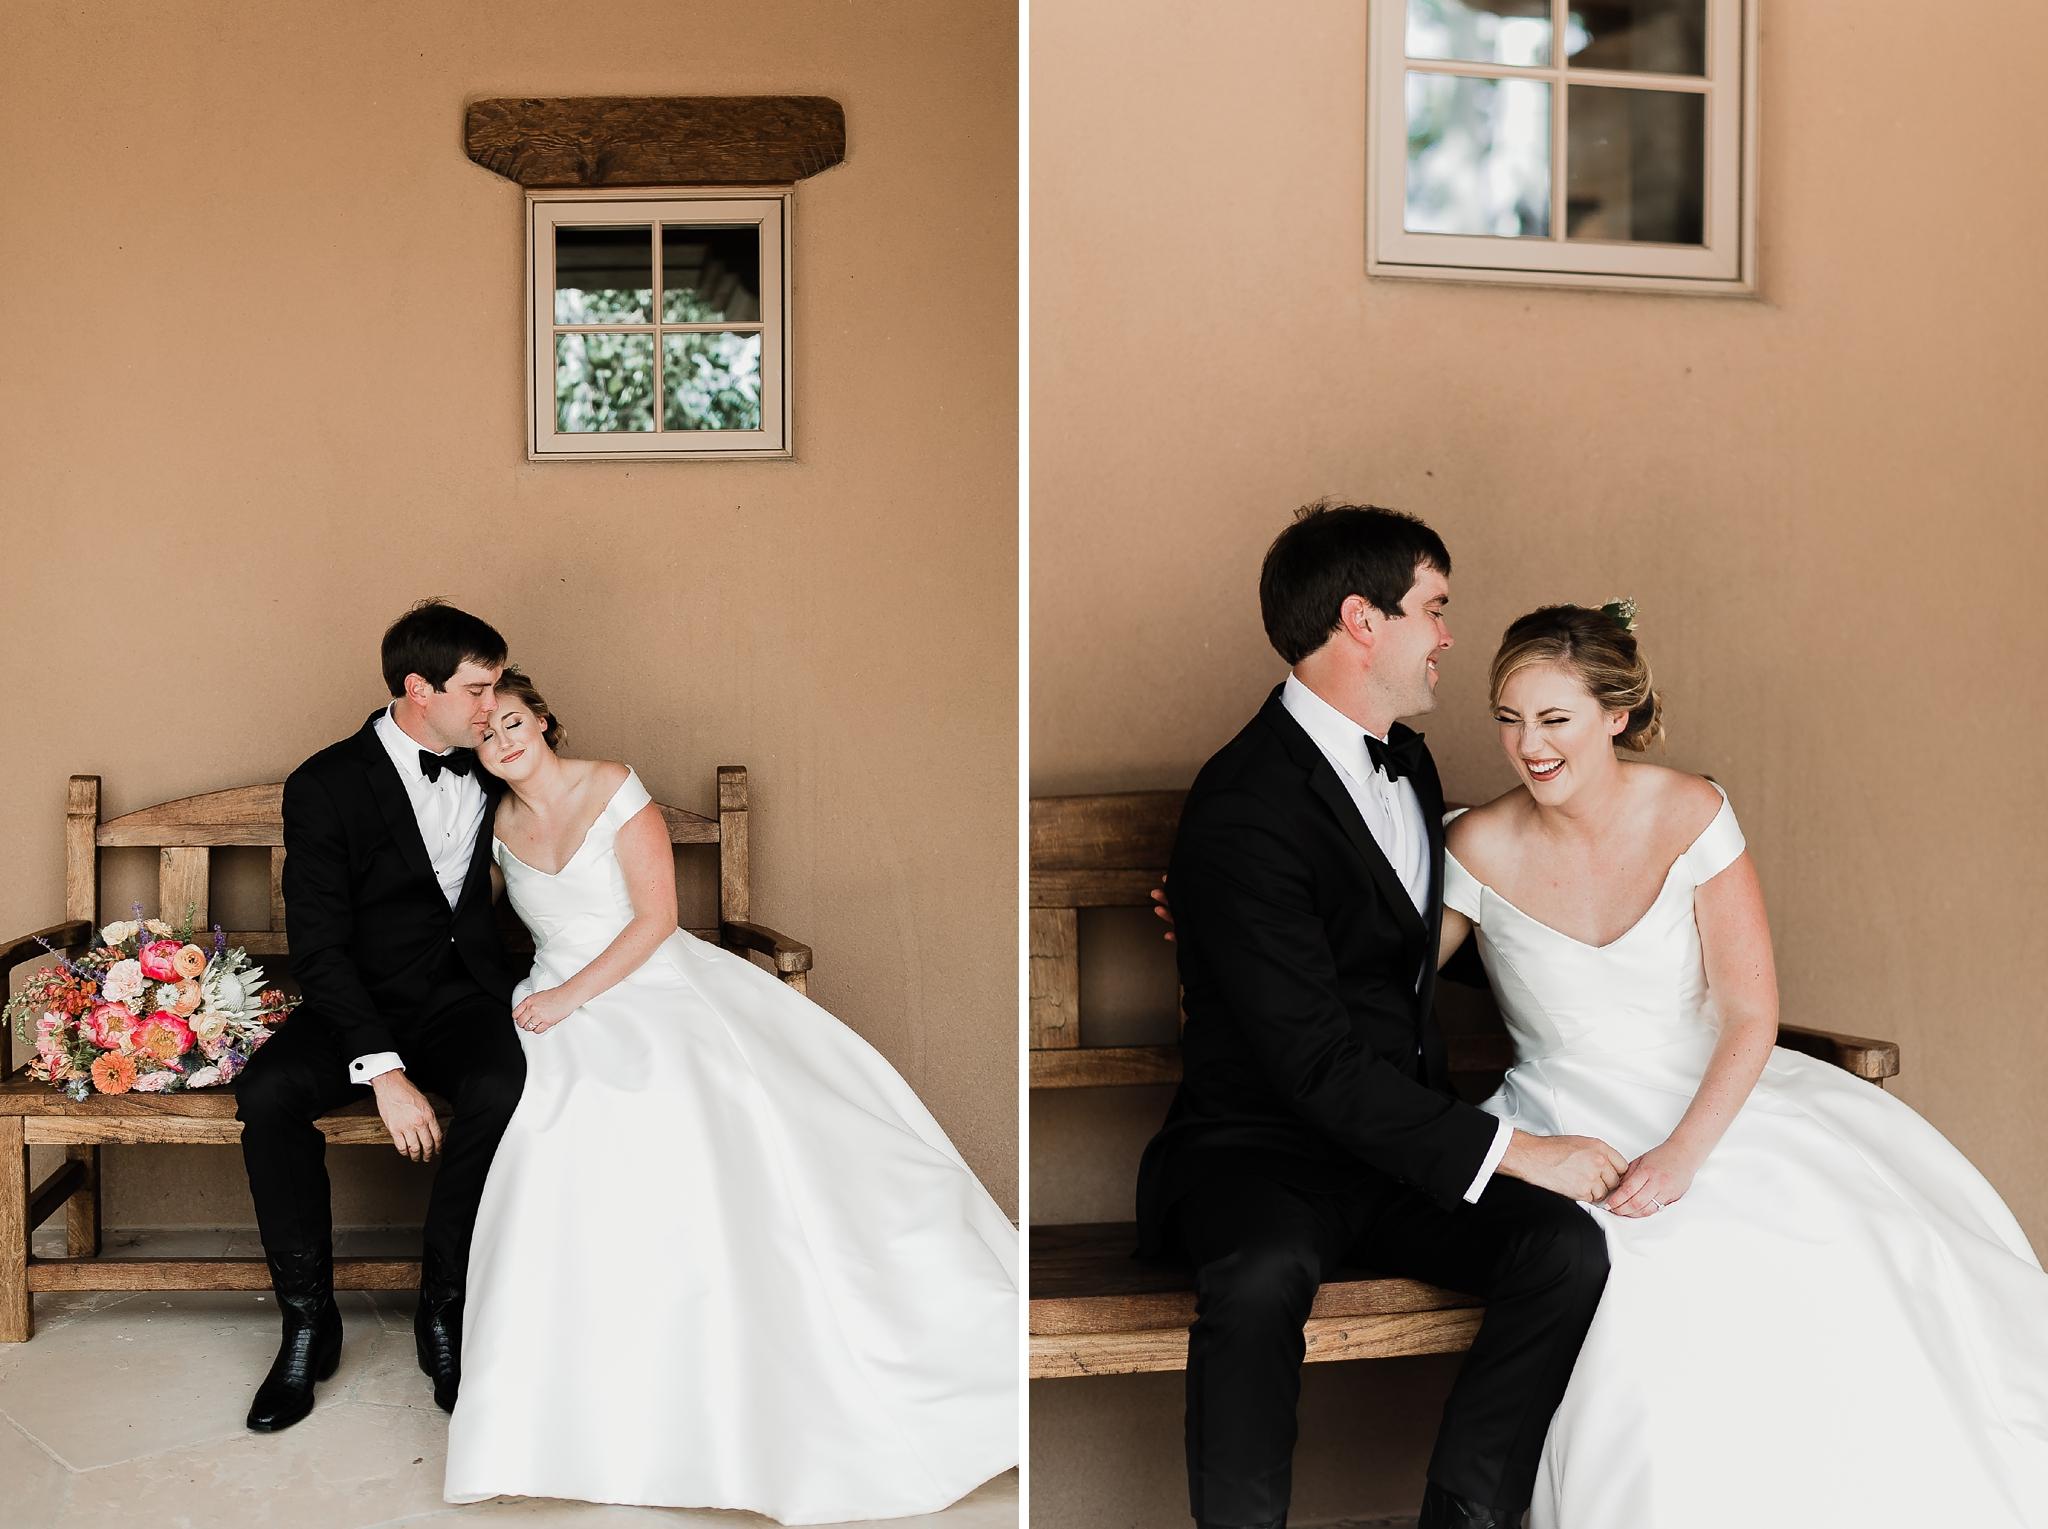 Alicia+lucia+photography+-+albuquerque+wedding+photographer+-+santa+fe+wedding+photography+-+new+mexico+wedding+photographer+-+new+mexico+wedding+-+las+campanas+wedding+-+santa+fe+wedding+-+maximalist+wedding+-+destination+wedding_0081.jpg